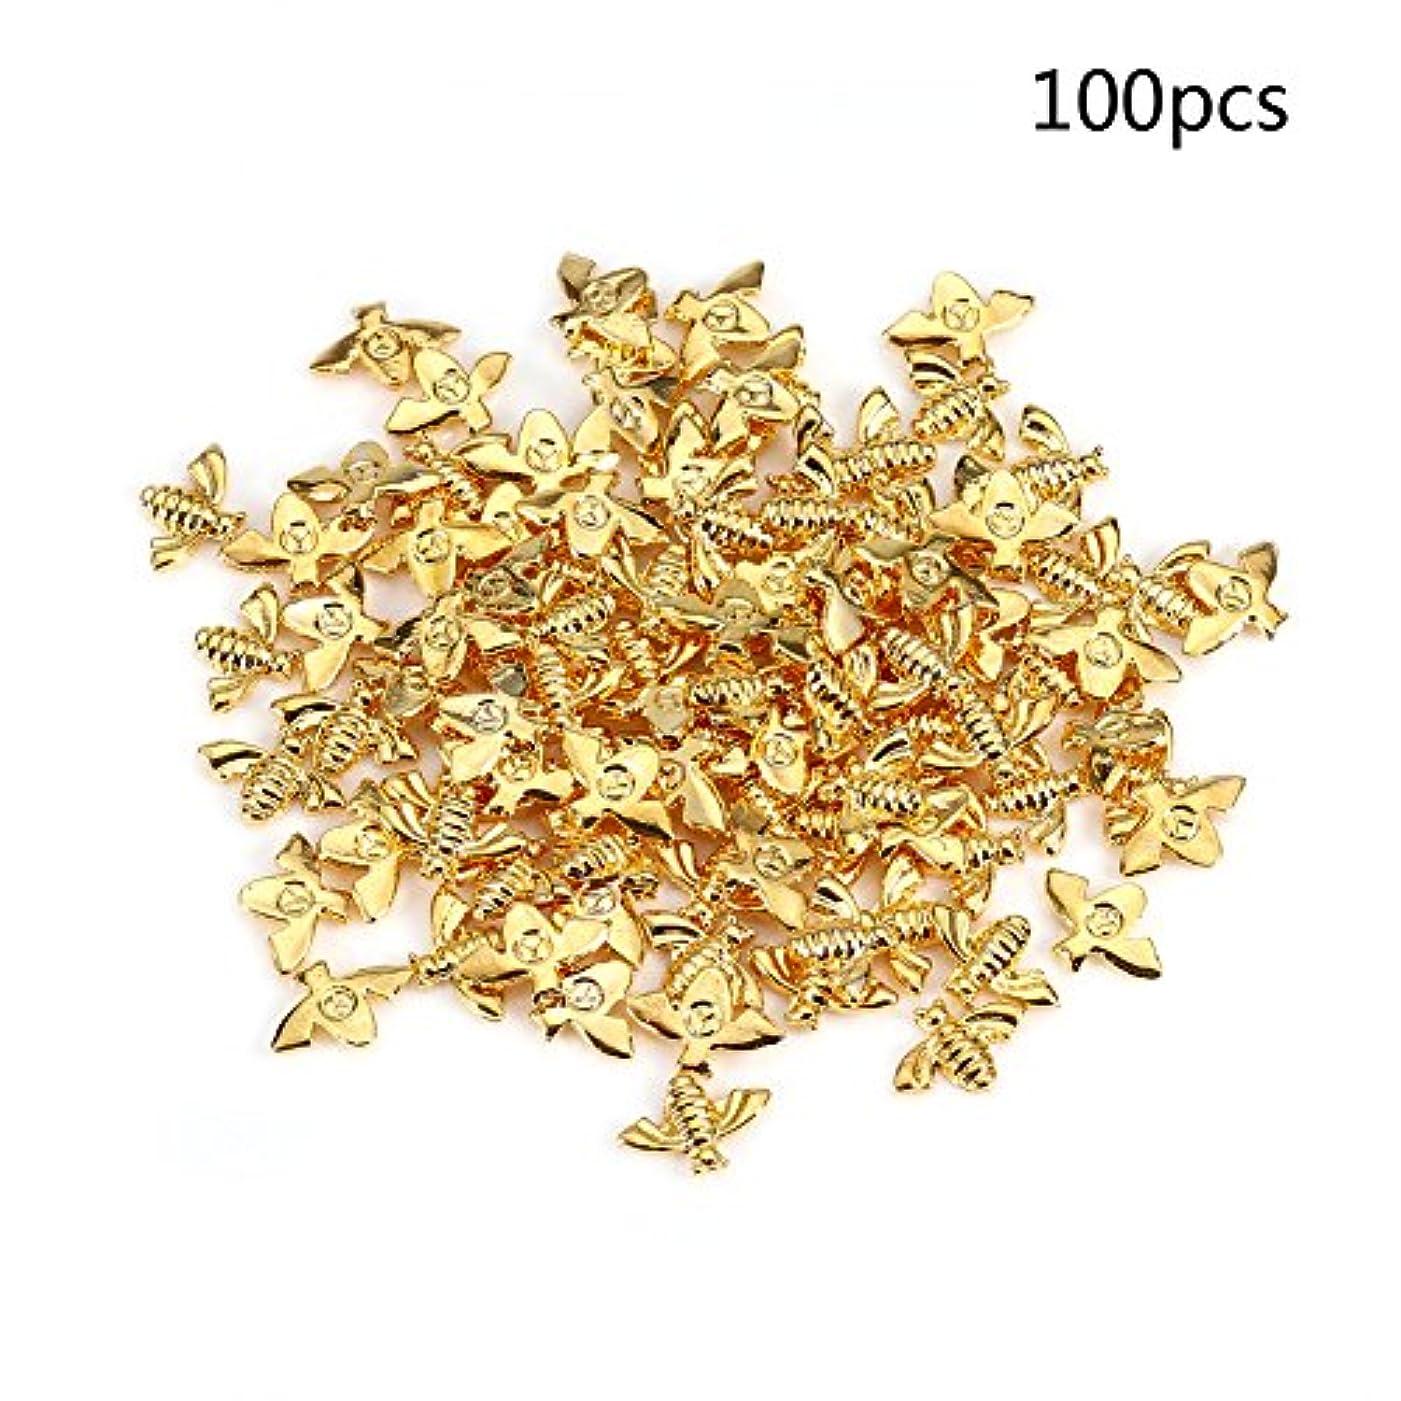 観光に行くお複雑でないメタルネイルデコレーション 2色100pcs / bag金属蜂3Dネイルデコレーションメタルスティックゴールドシルバーネイルデカールマニキュア (ゴールド)